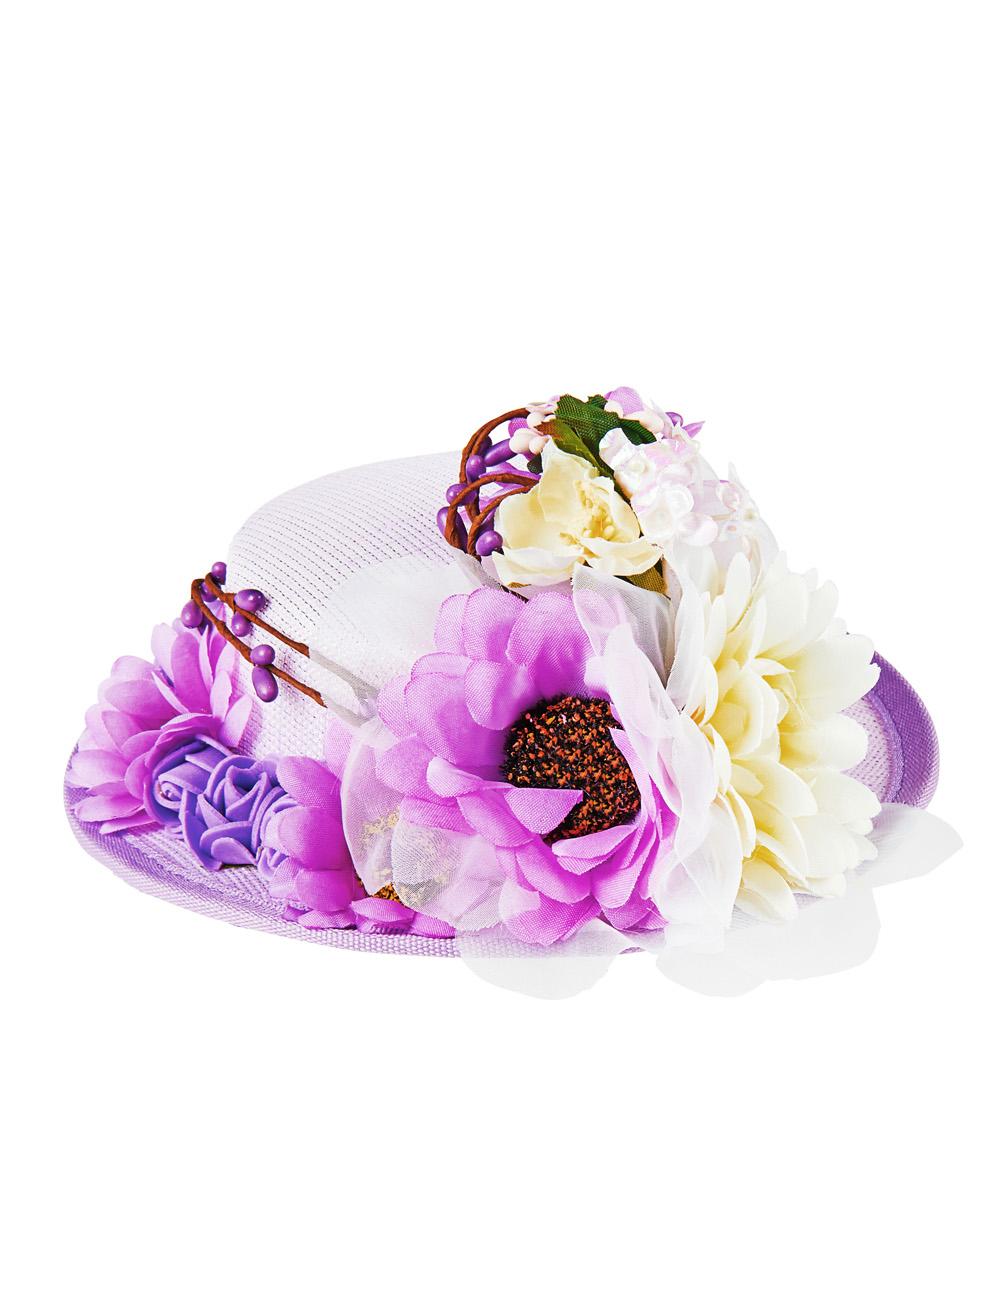 Kostuemzubehor Mini Hut mit Blumen lila 17cm